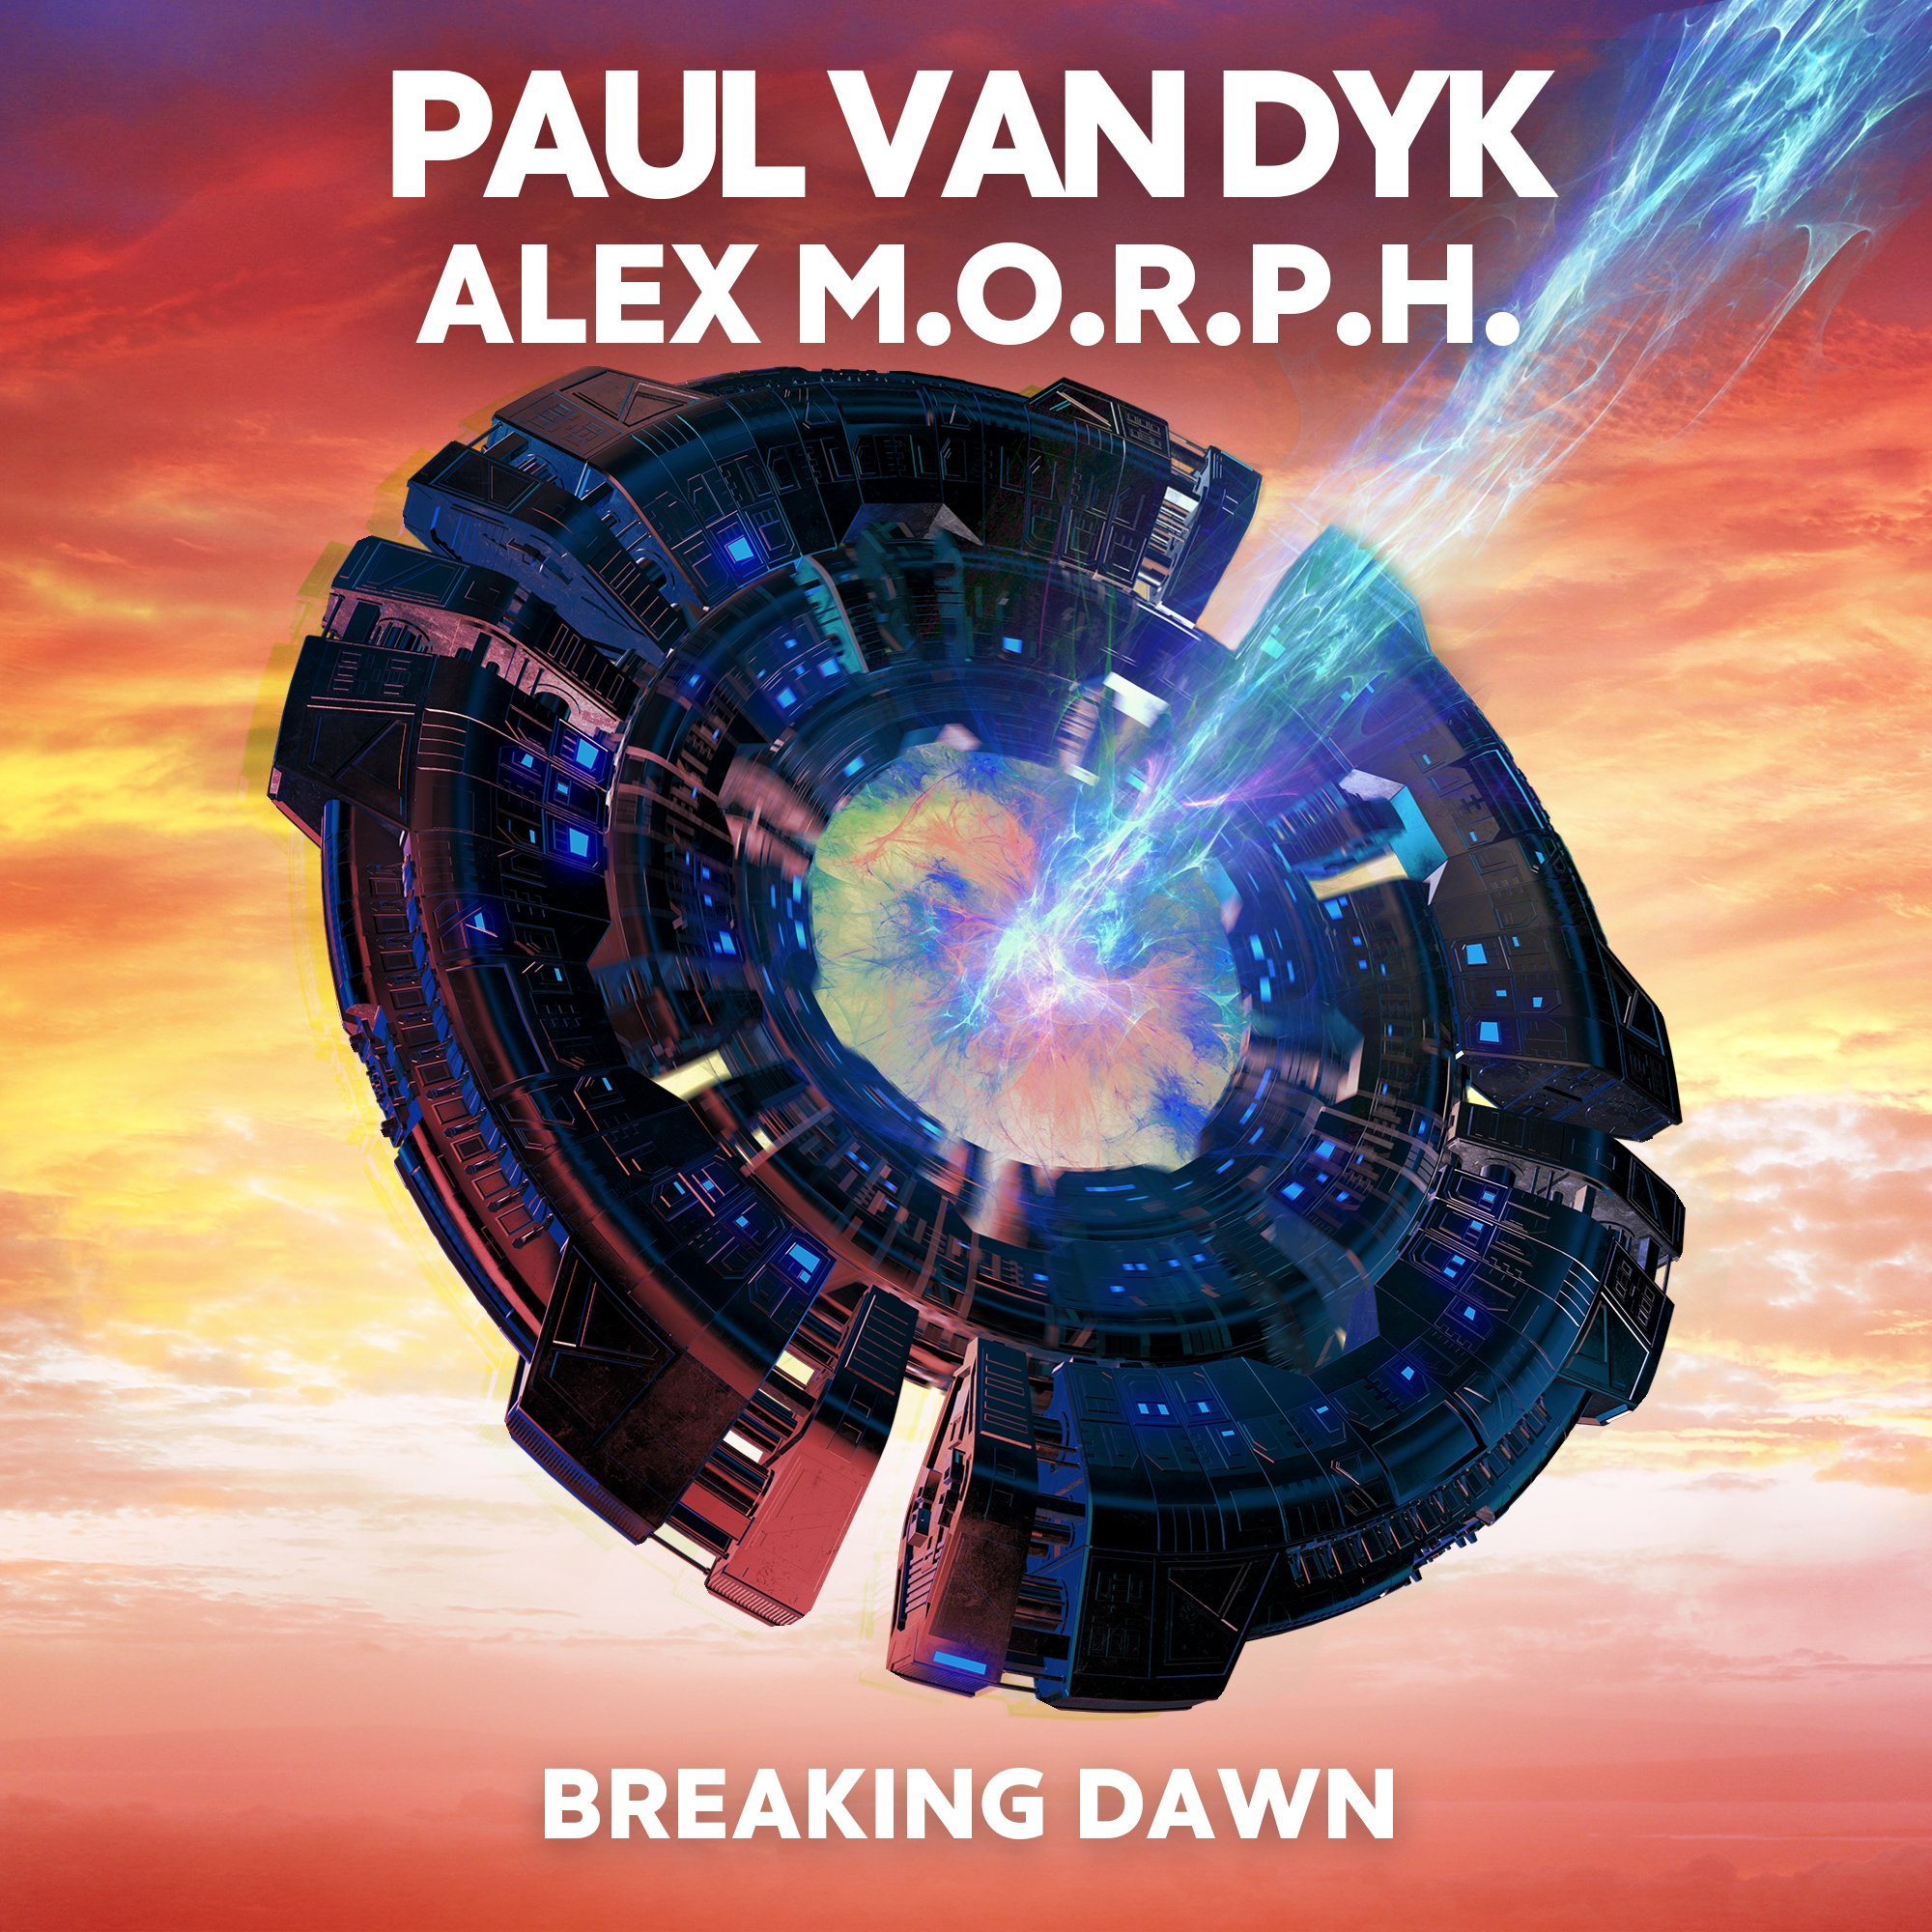 Paul van Dyk & @alexmorph  BREAKING DAWN  from the album #FromThenOn https://t.co/4YlUmTt6xO https://t.co/eJkEZK1BDN